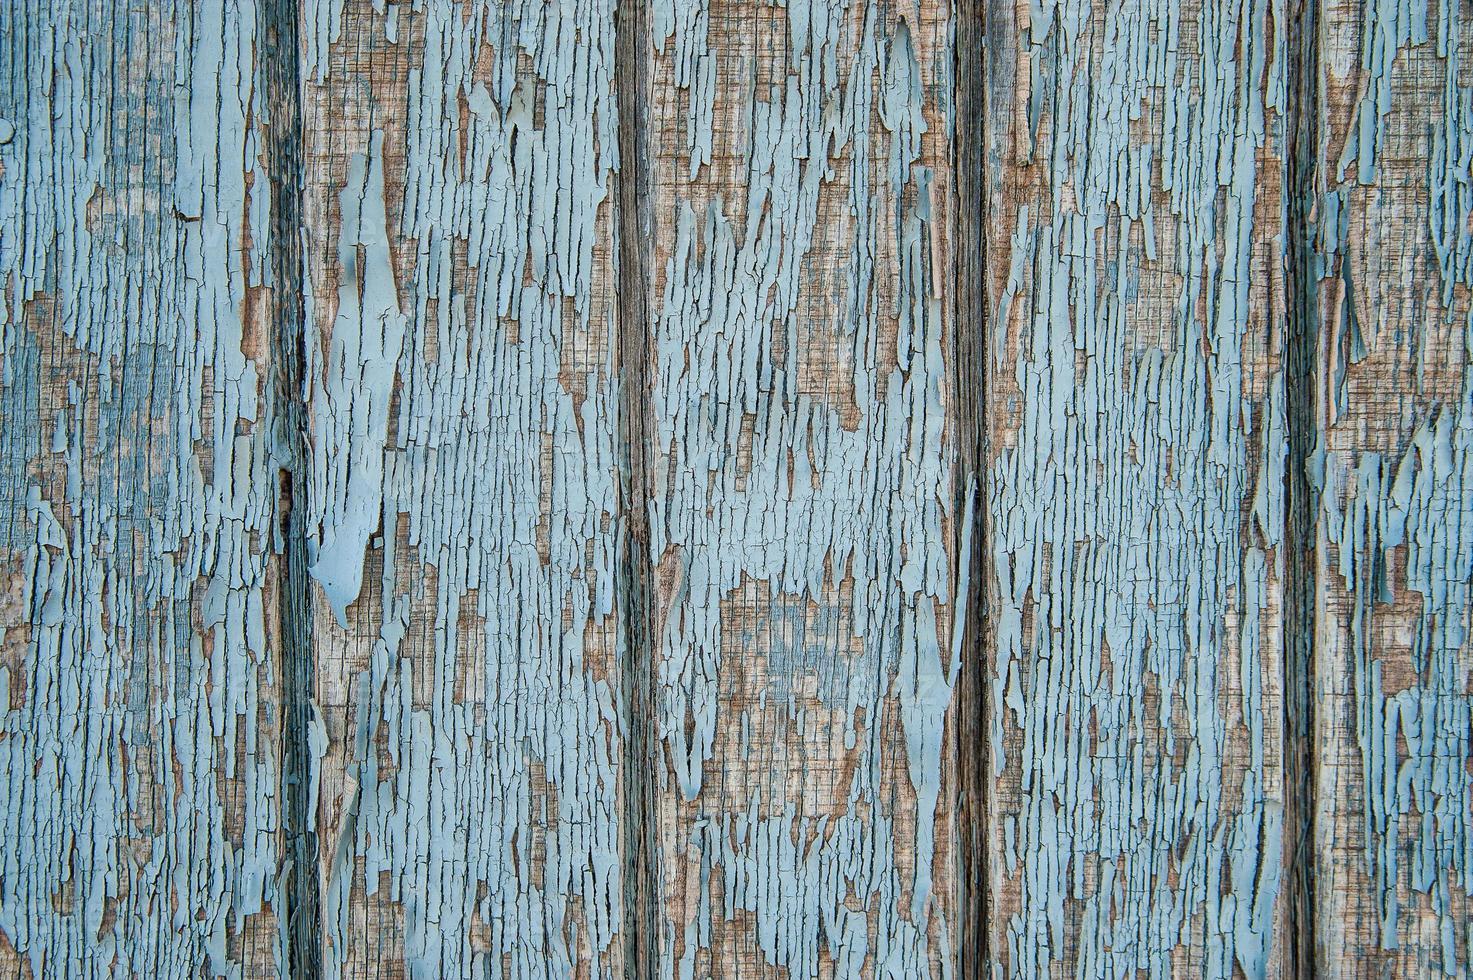 pintura natural con textura azul y abstracta resistido patrón natural foto